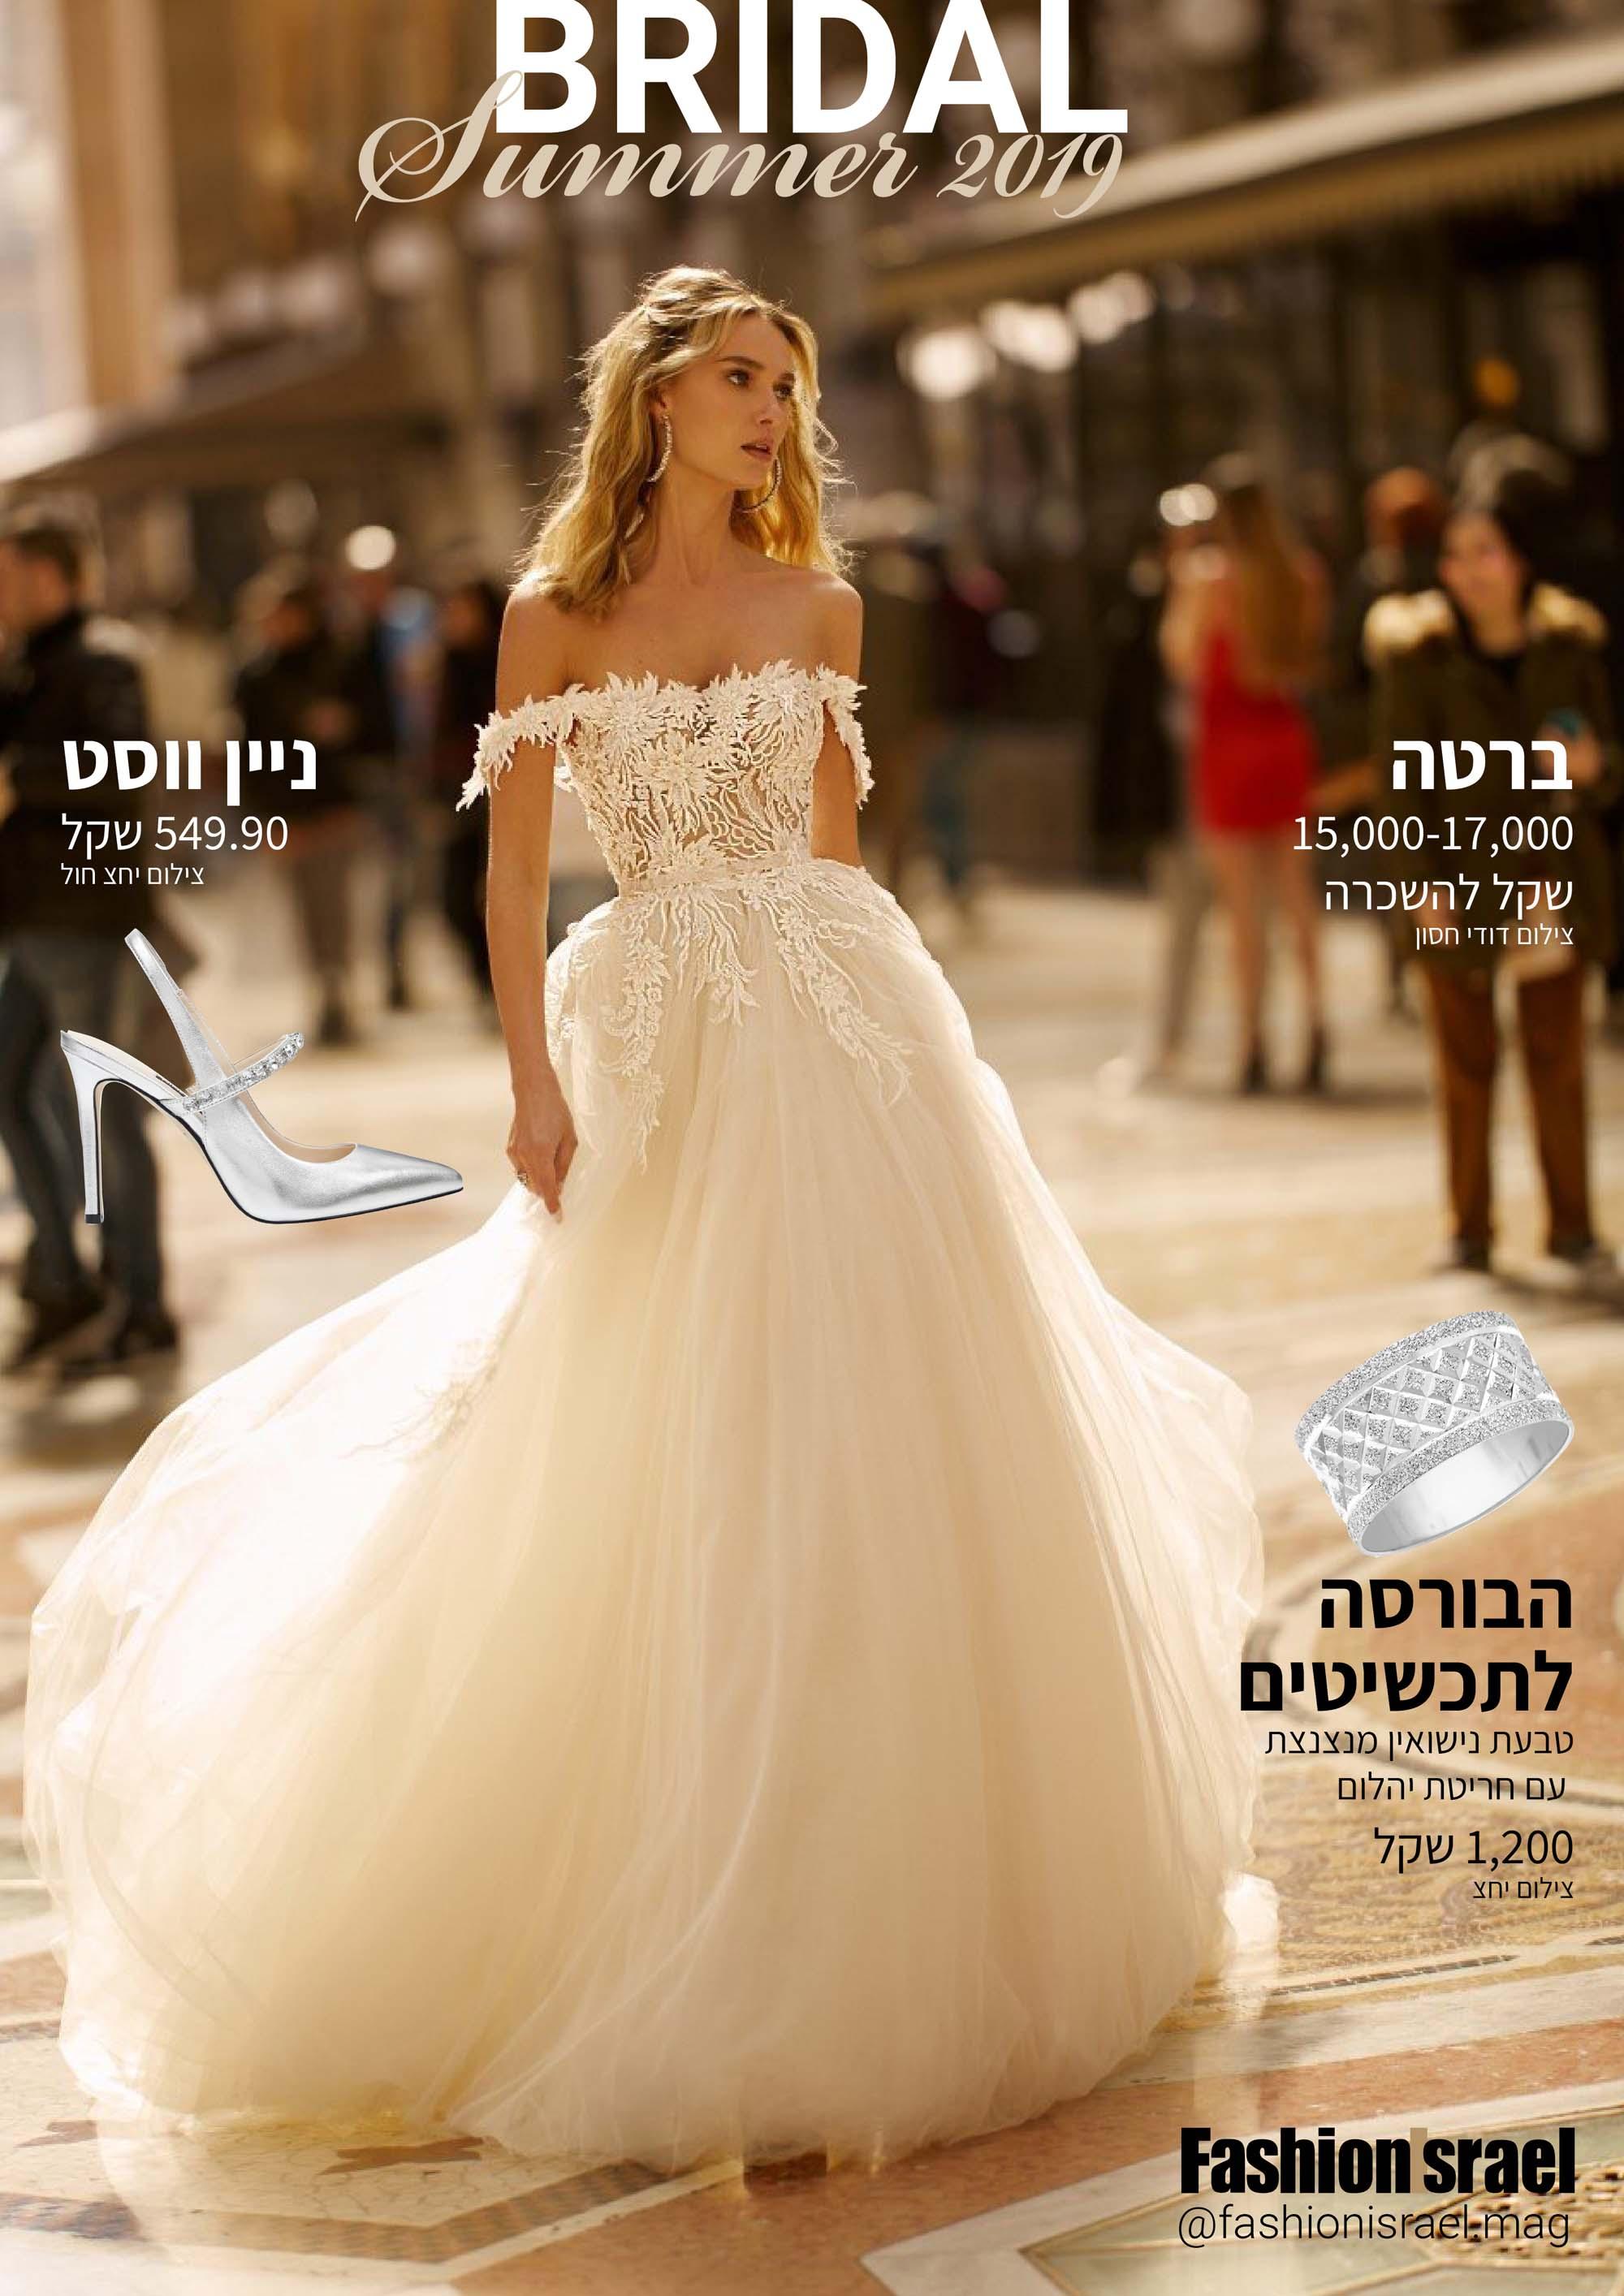 שמלת כלה: גליה להב, תכשיטים הבורסה לתכשיטים, נעליים: ניין ווסט